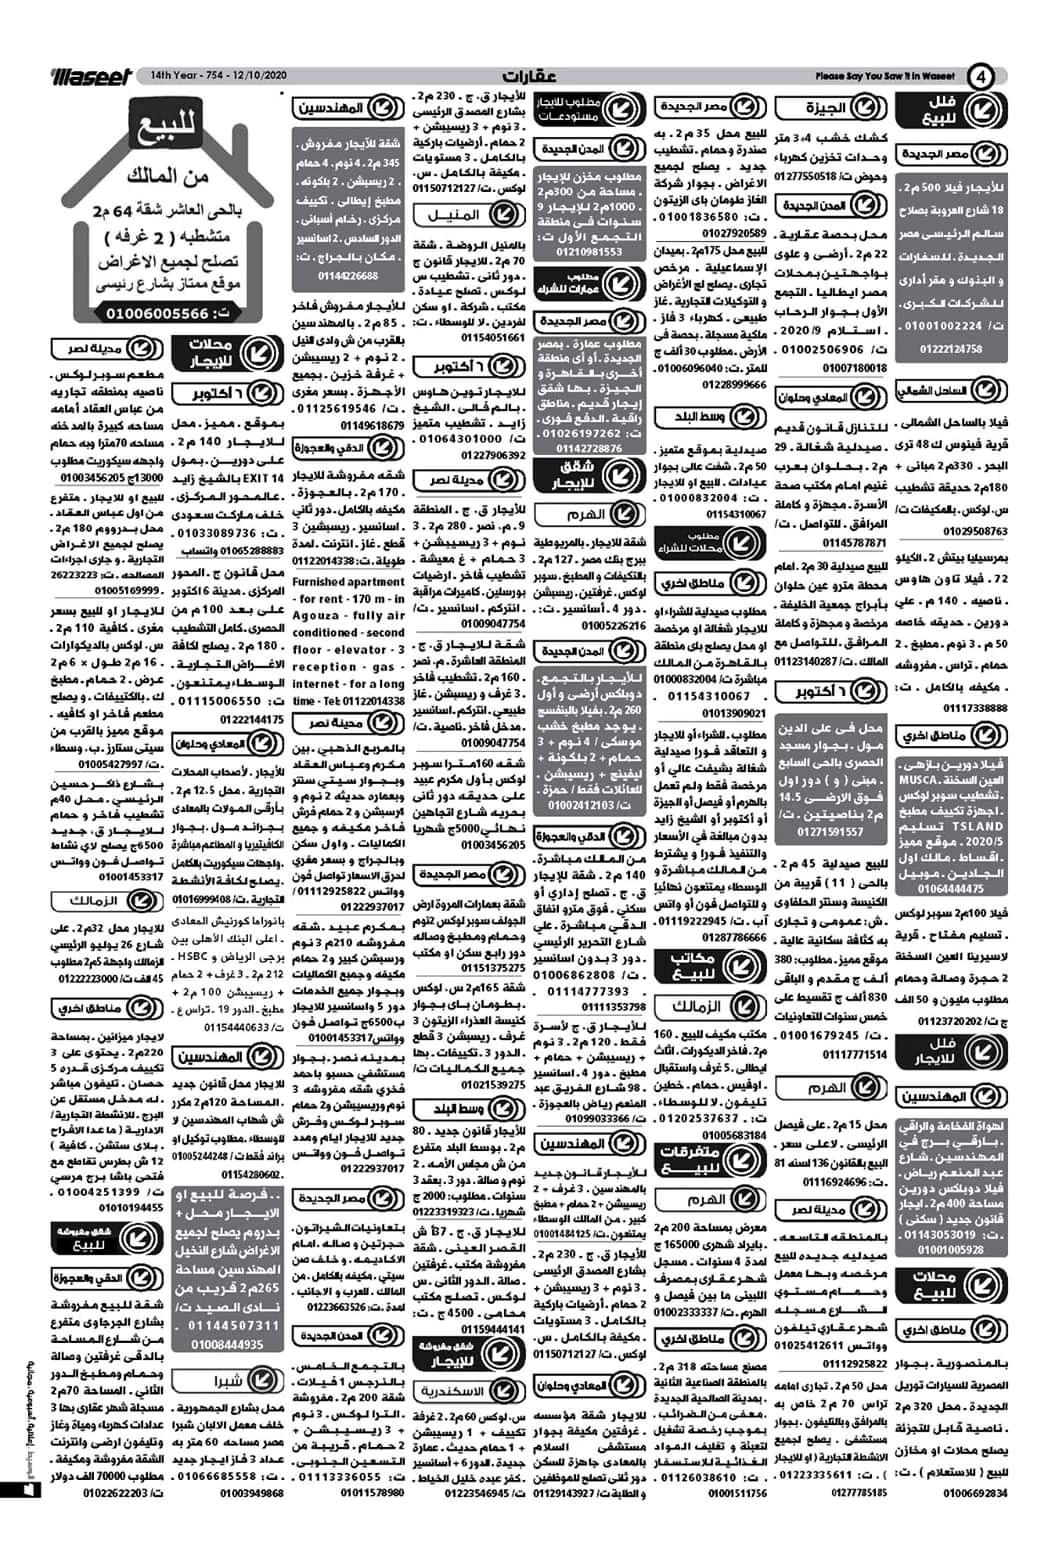 وظائف الوسيط و اعلانات مصر الاثنين 12 اكتوبر 2020 وسيط الاثنين